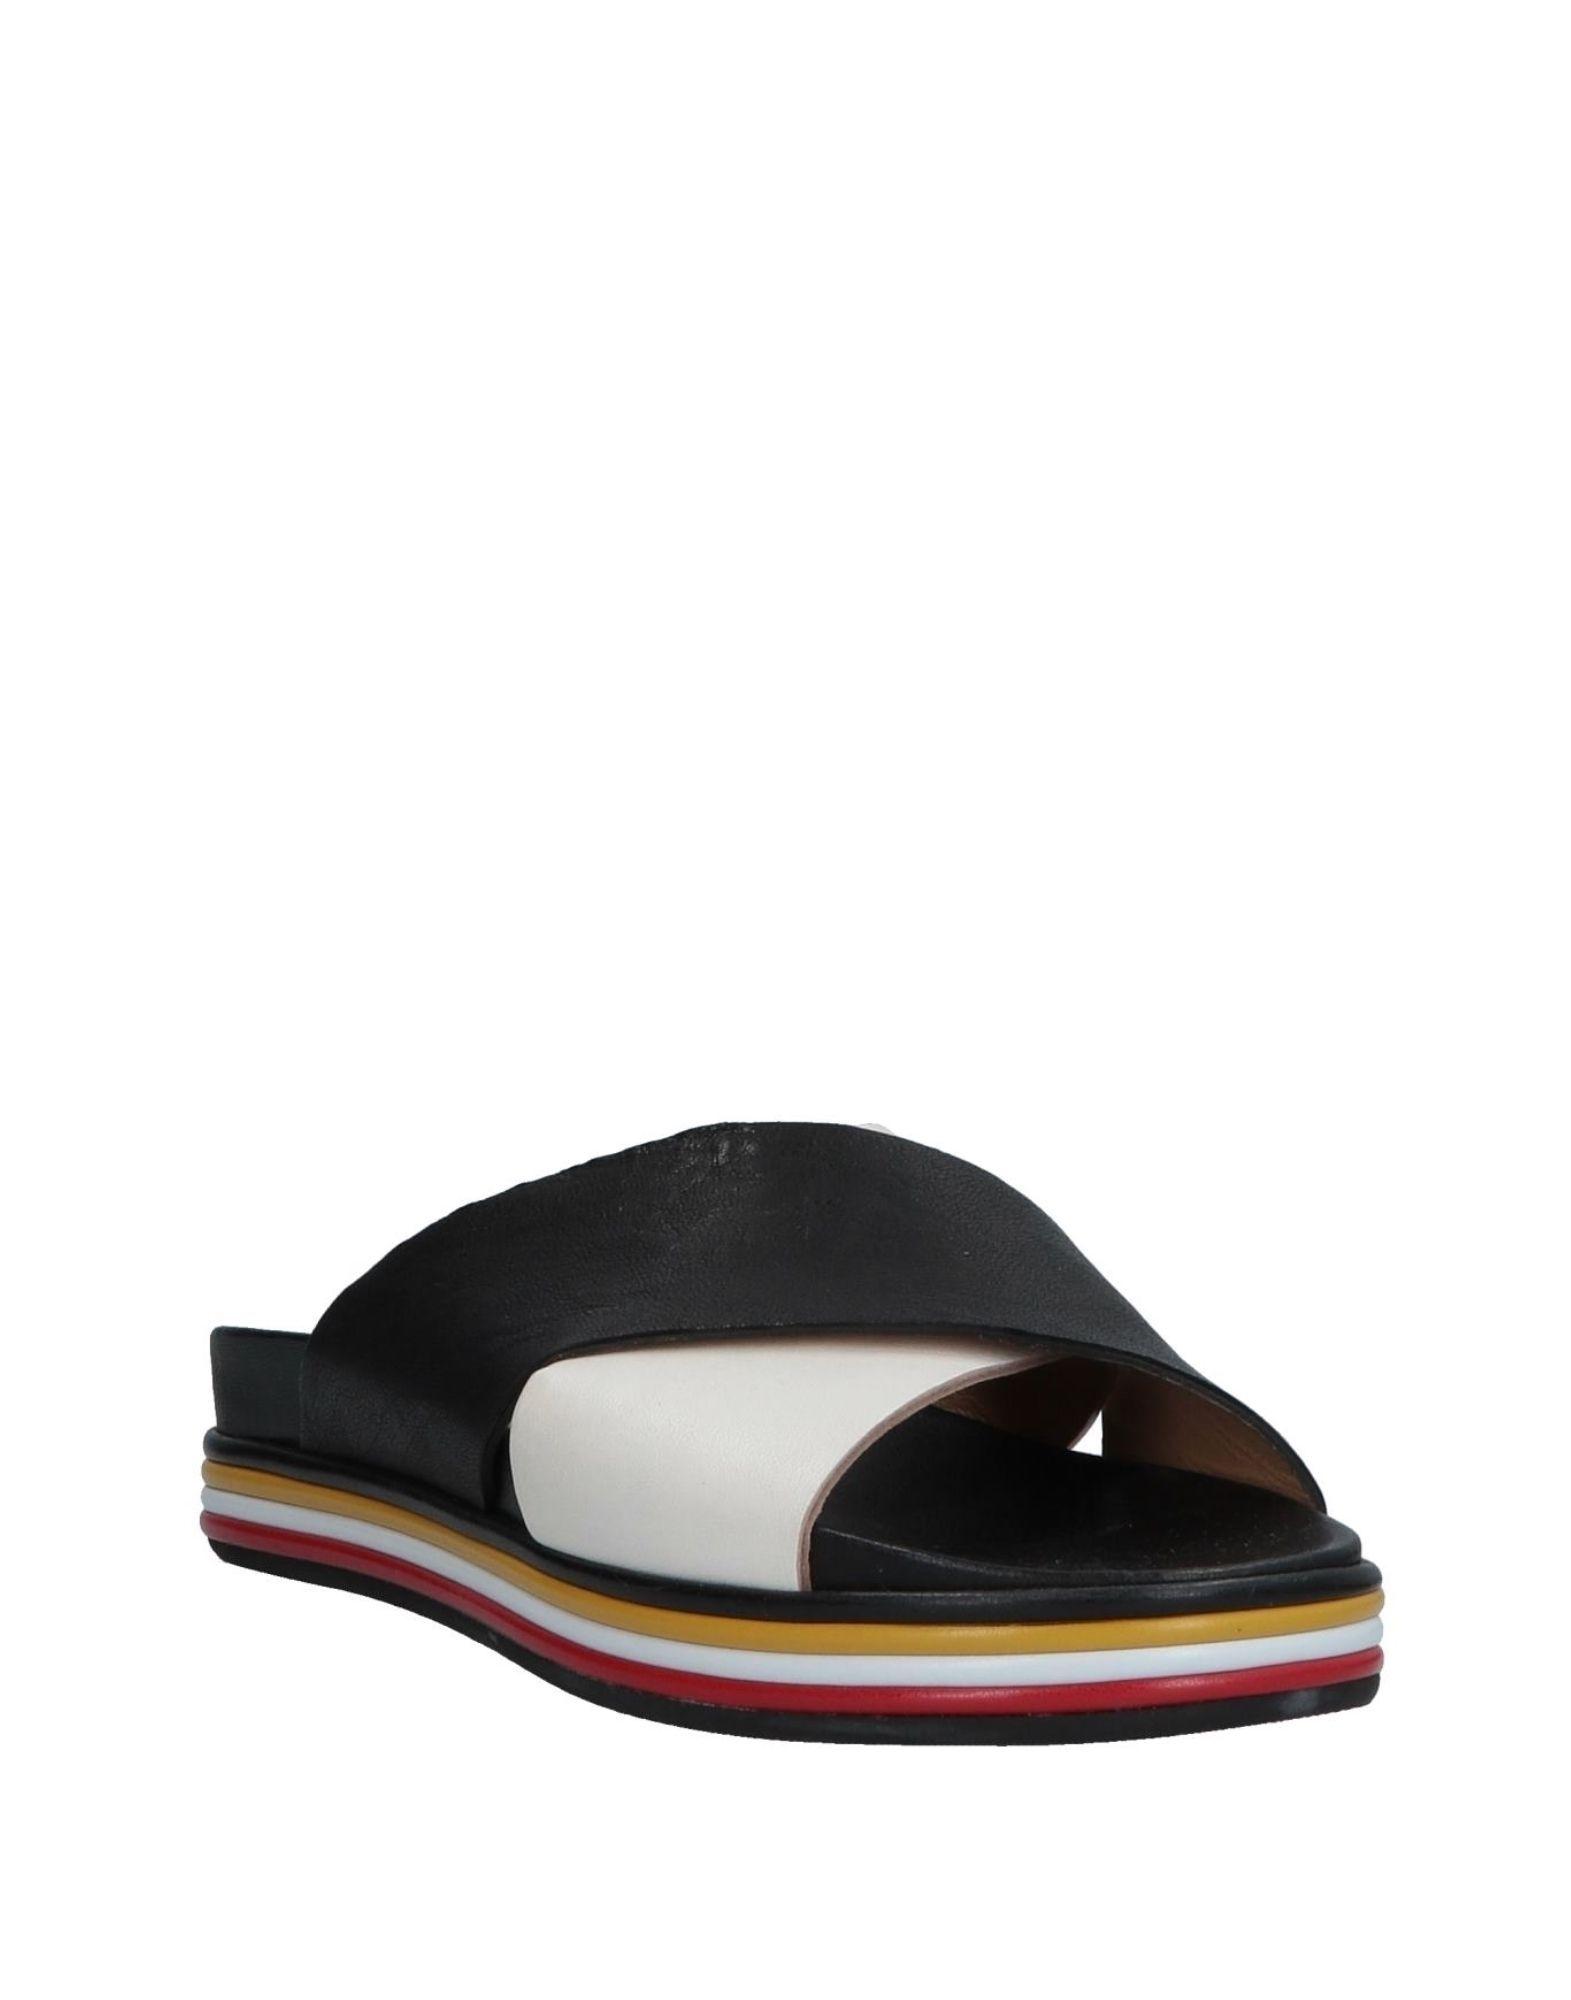 Footwear Yin Black Women's Leather